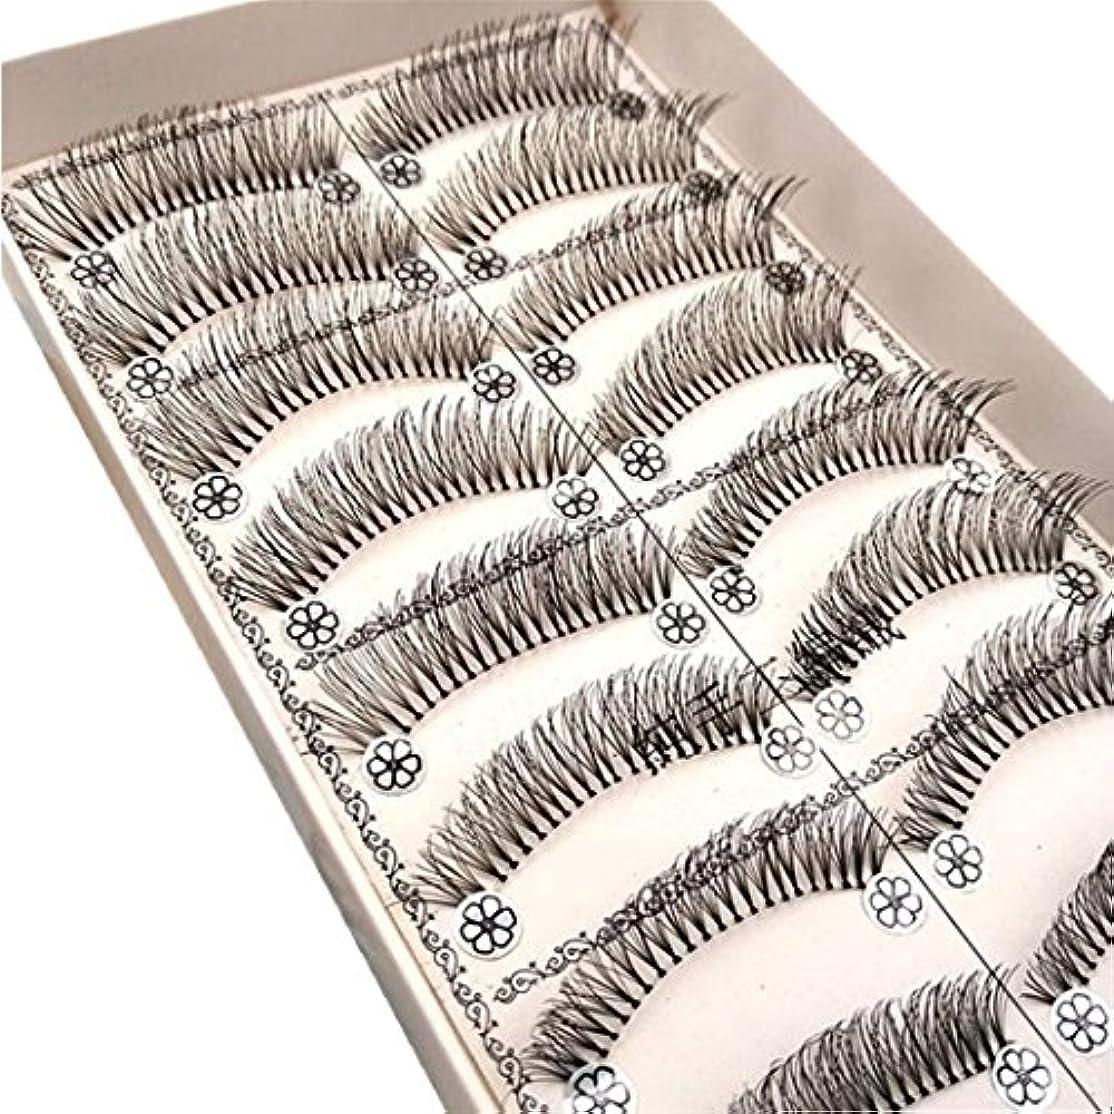 浸透するピルファー凶暴なFeteso 10組 偽のまつげセット つけまつげ 上まつげ Eyelashes アイラッシュ ビューティー まつげエクステ レディース 化粧ツール アイメイクアップ 人気 ナチュラル 飾り 再利用可能 濃密 柔らかい